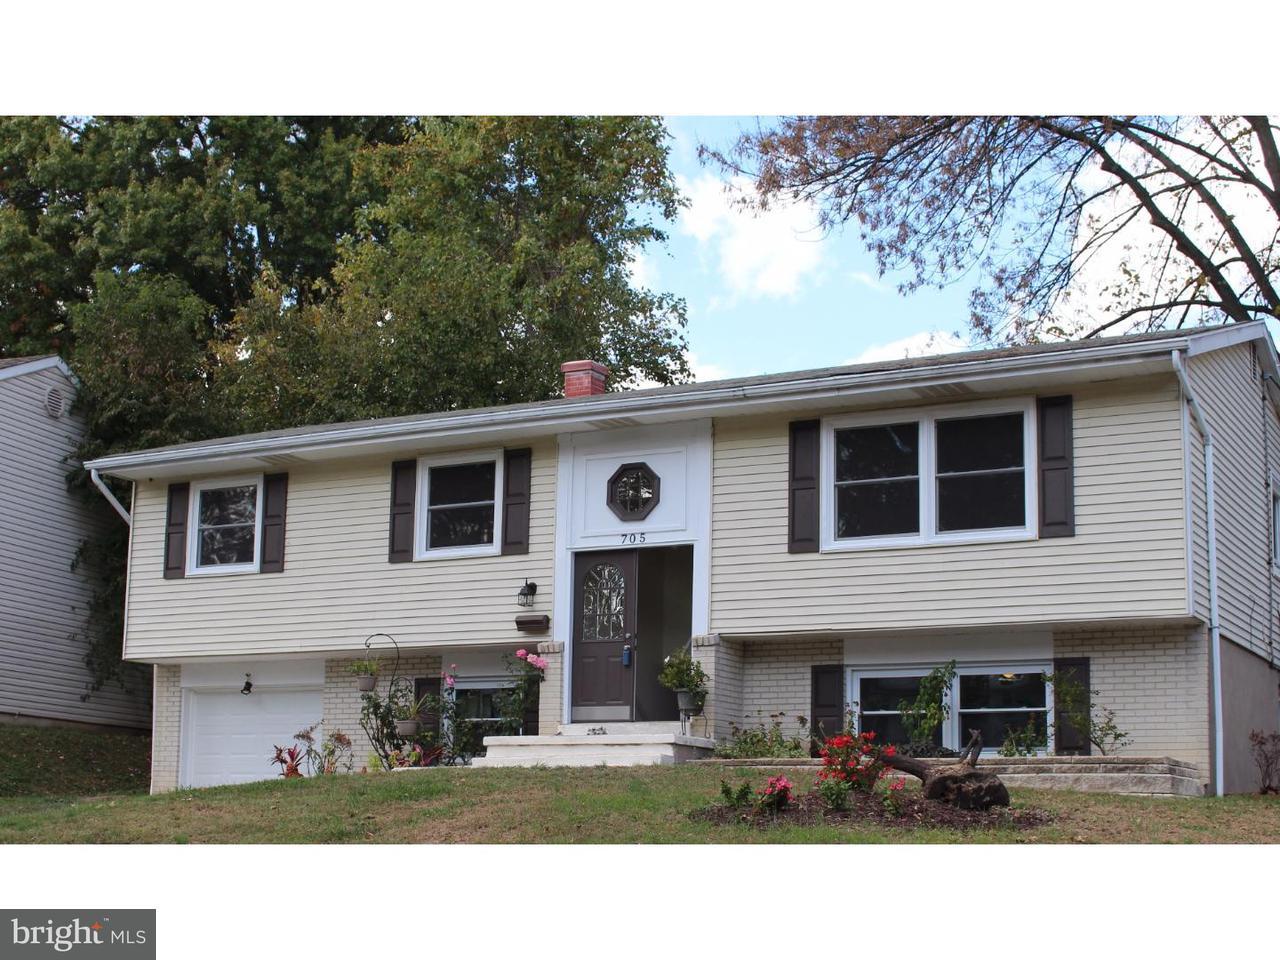 獨棟家庭住宅 為 出售 在 705 PARKSIDE BLVD Claymont, 特拉華州 19703 美國